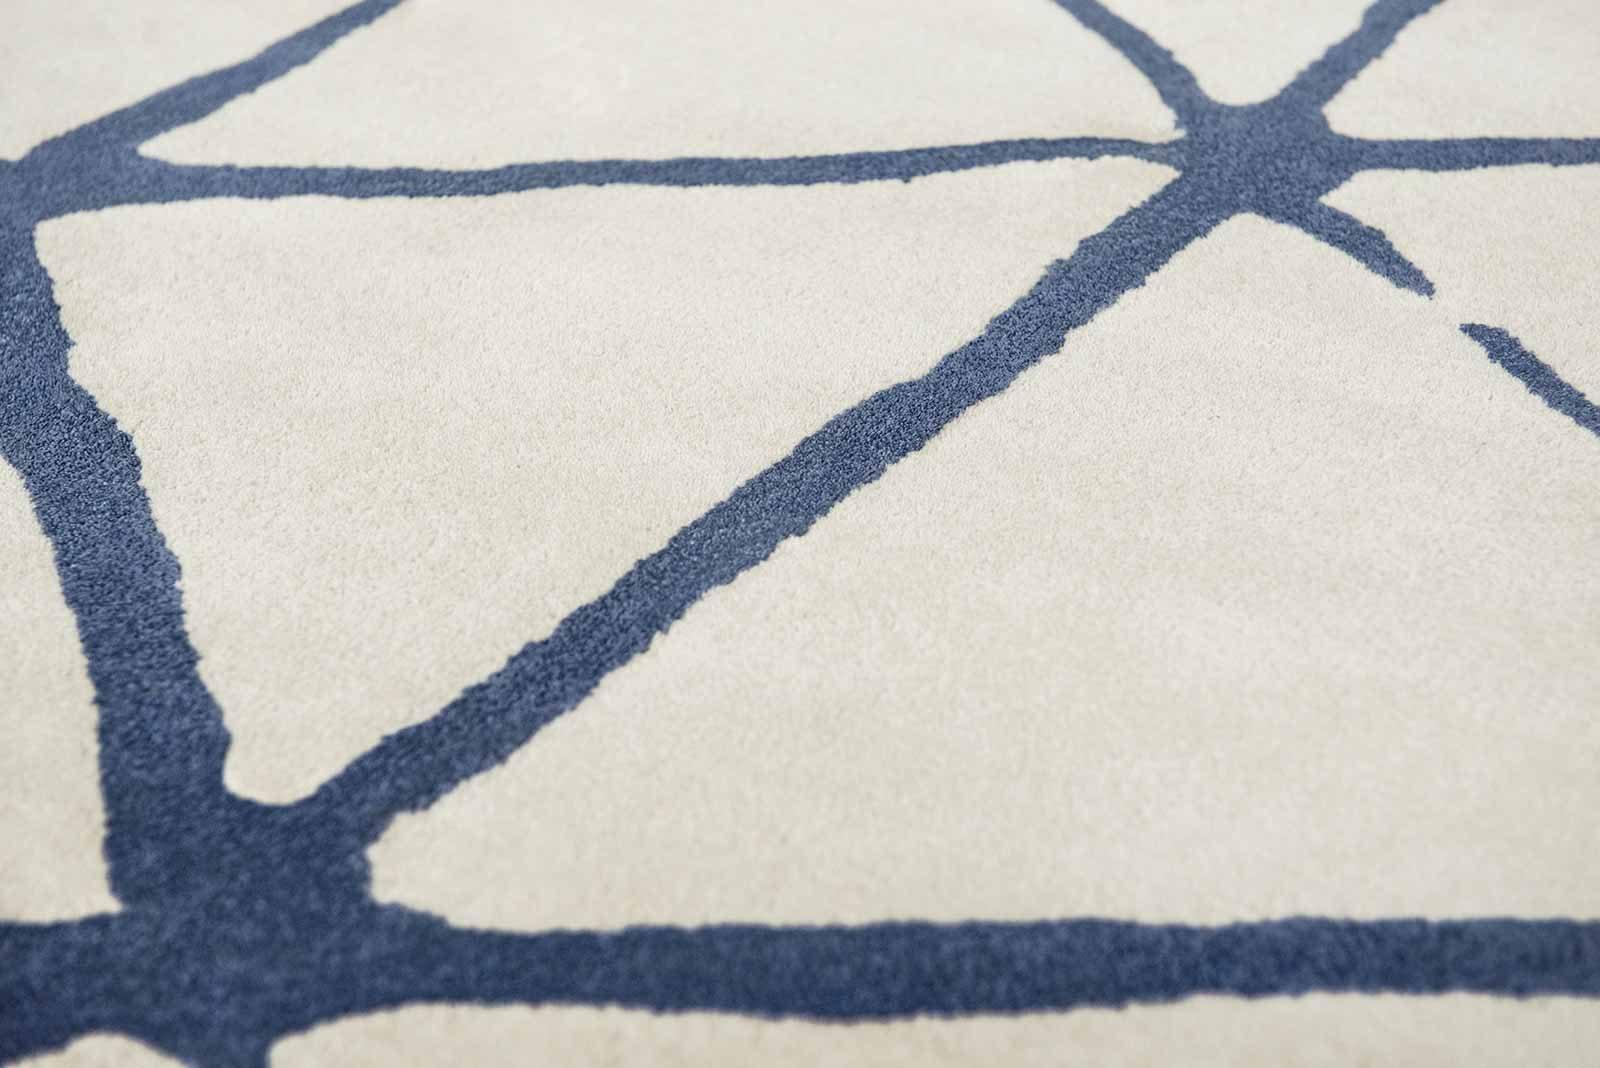 Louis De Poortere rugs Villa Nova LX 2015 Haldon Indigo zoom